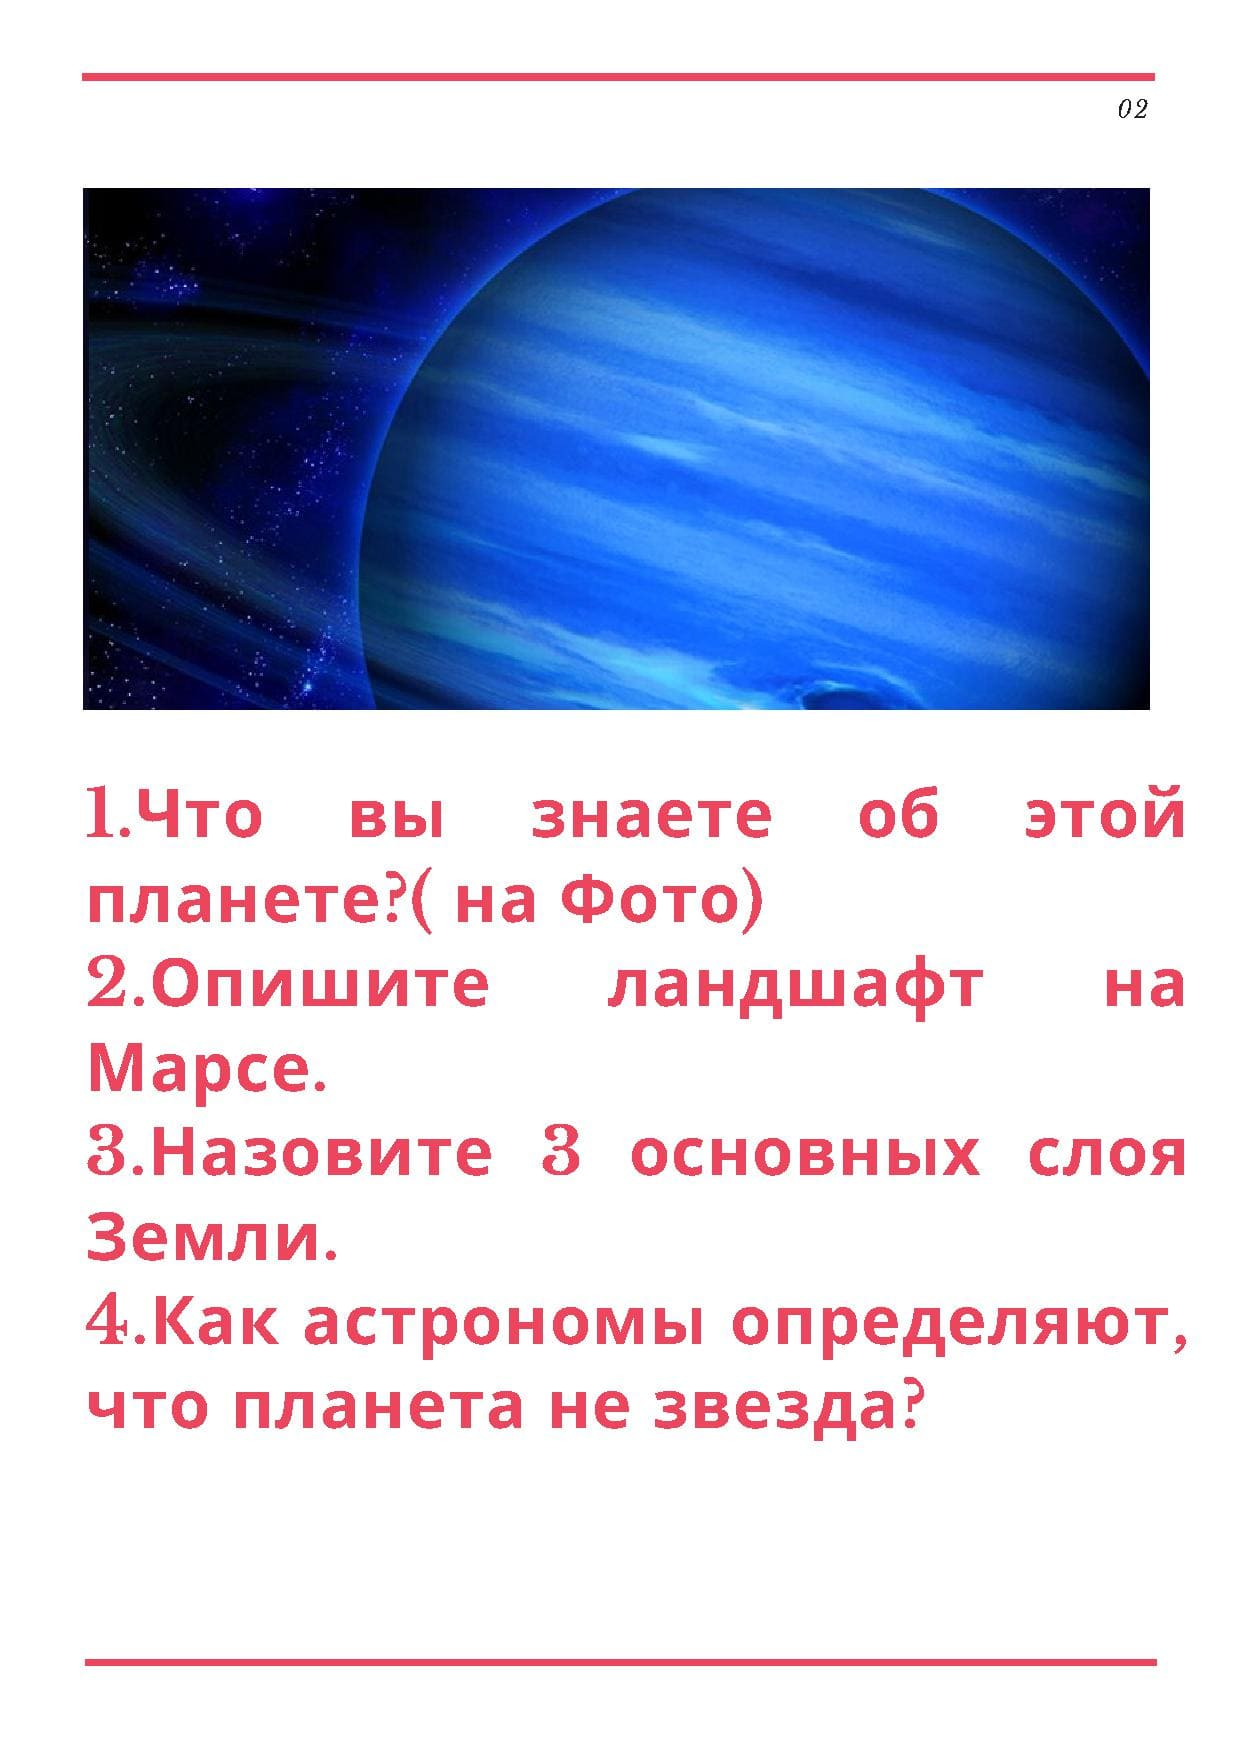 Что вы знаете об этой планете?